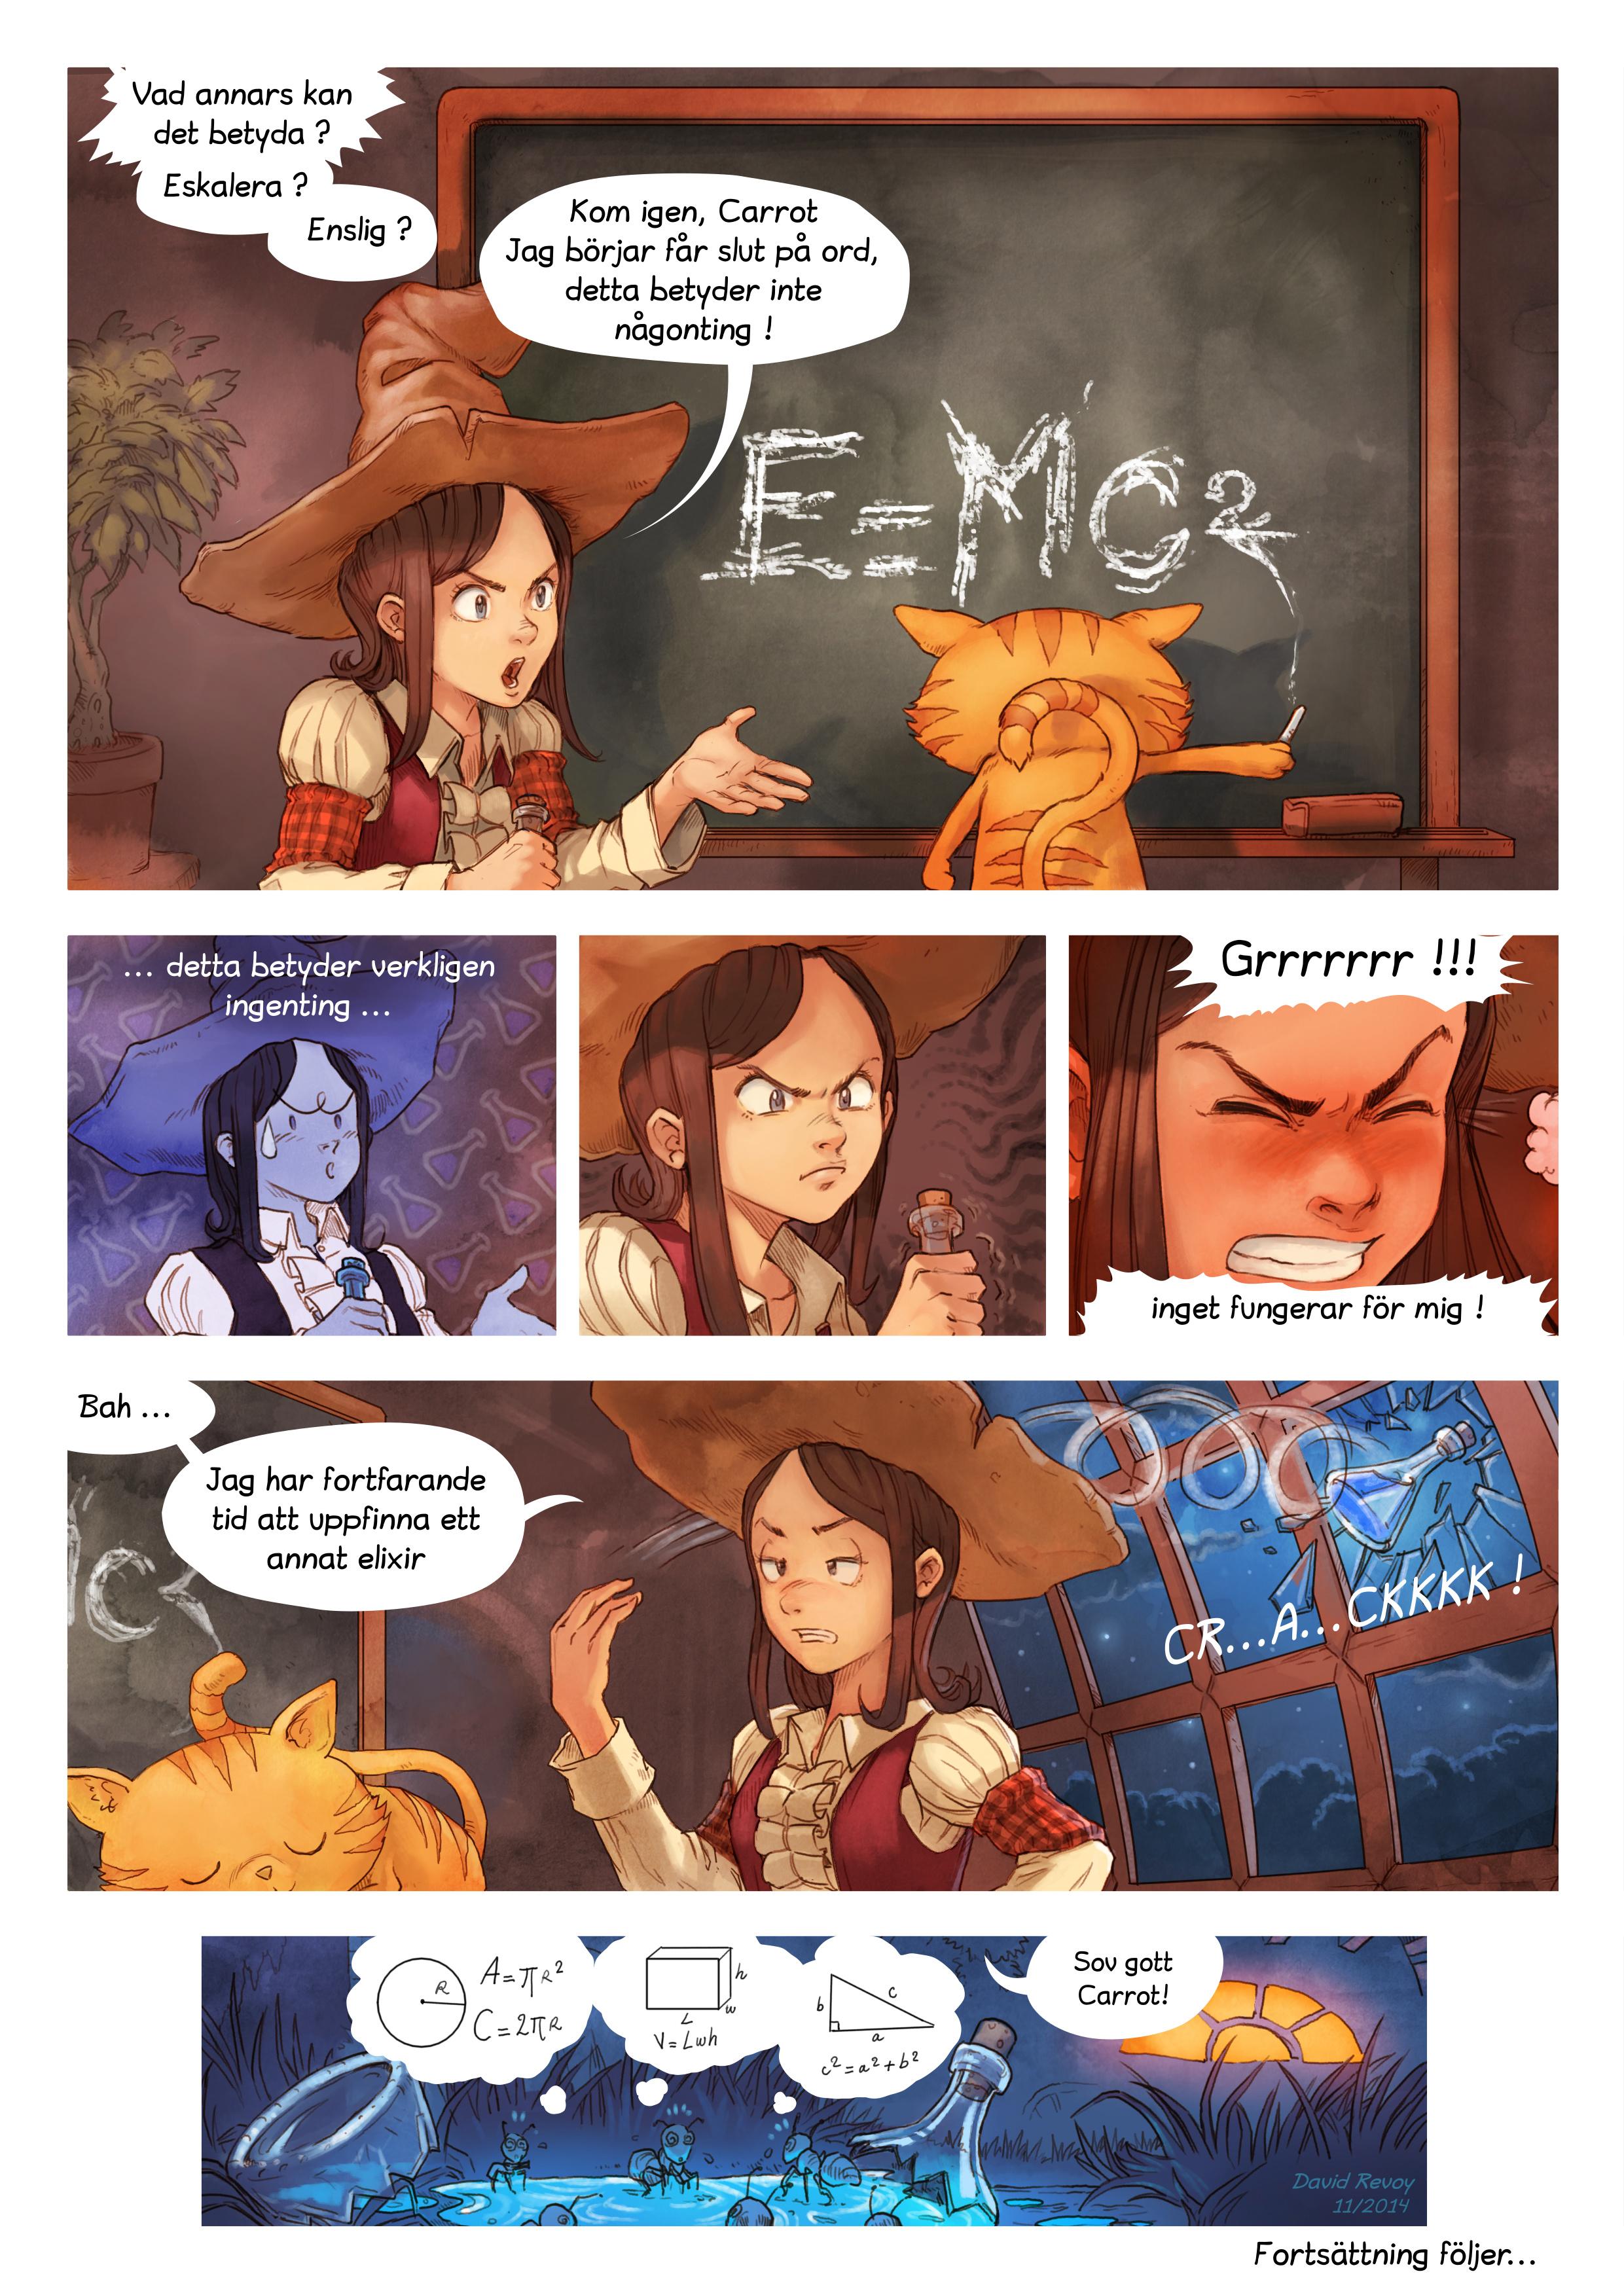 Episode 4: Genidraget, Page 7